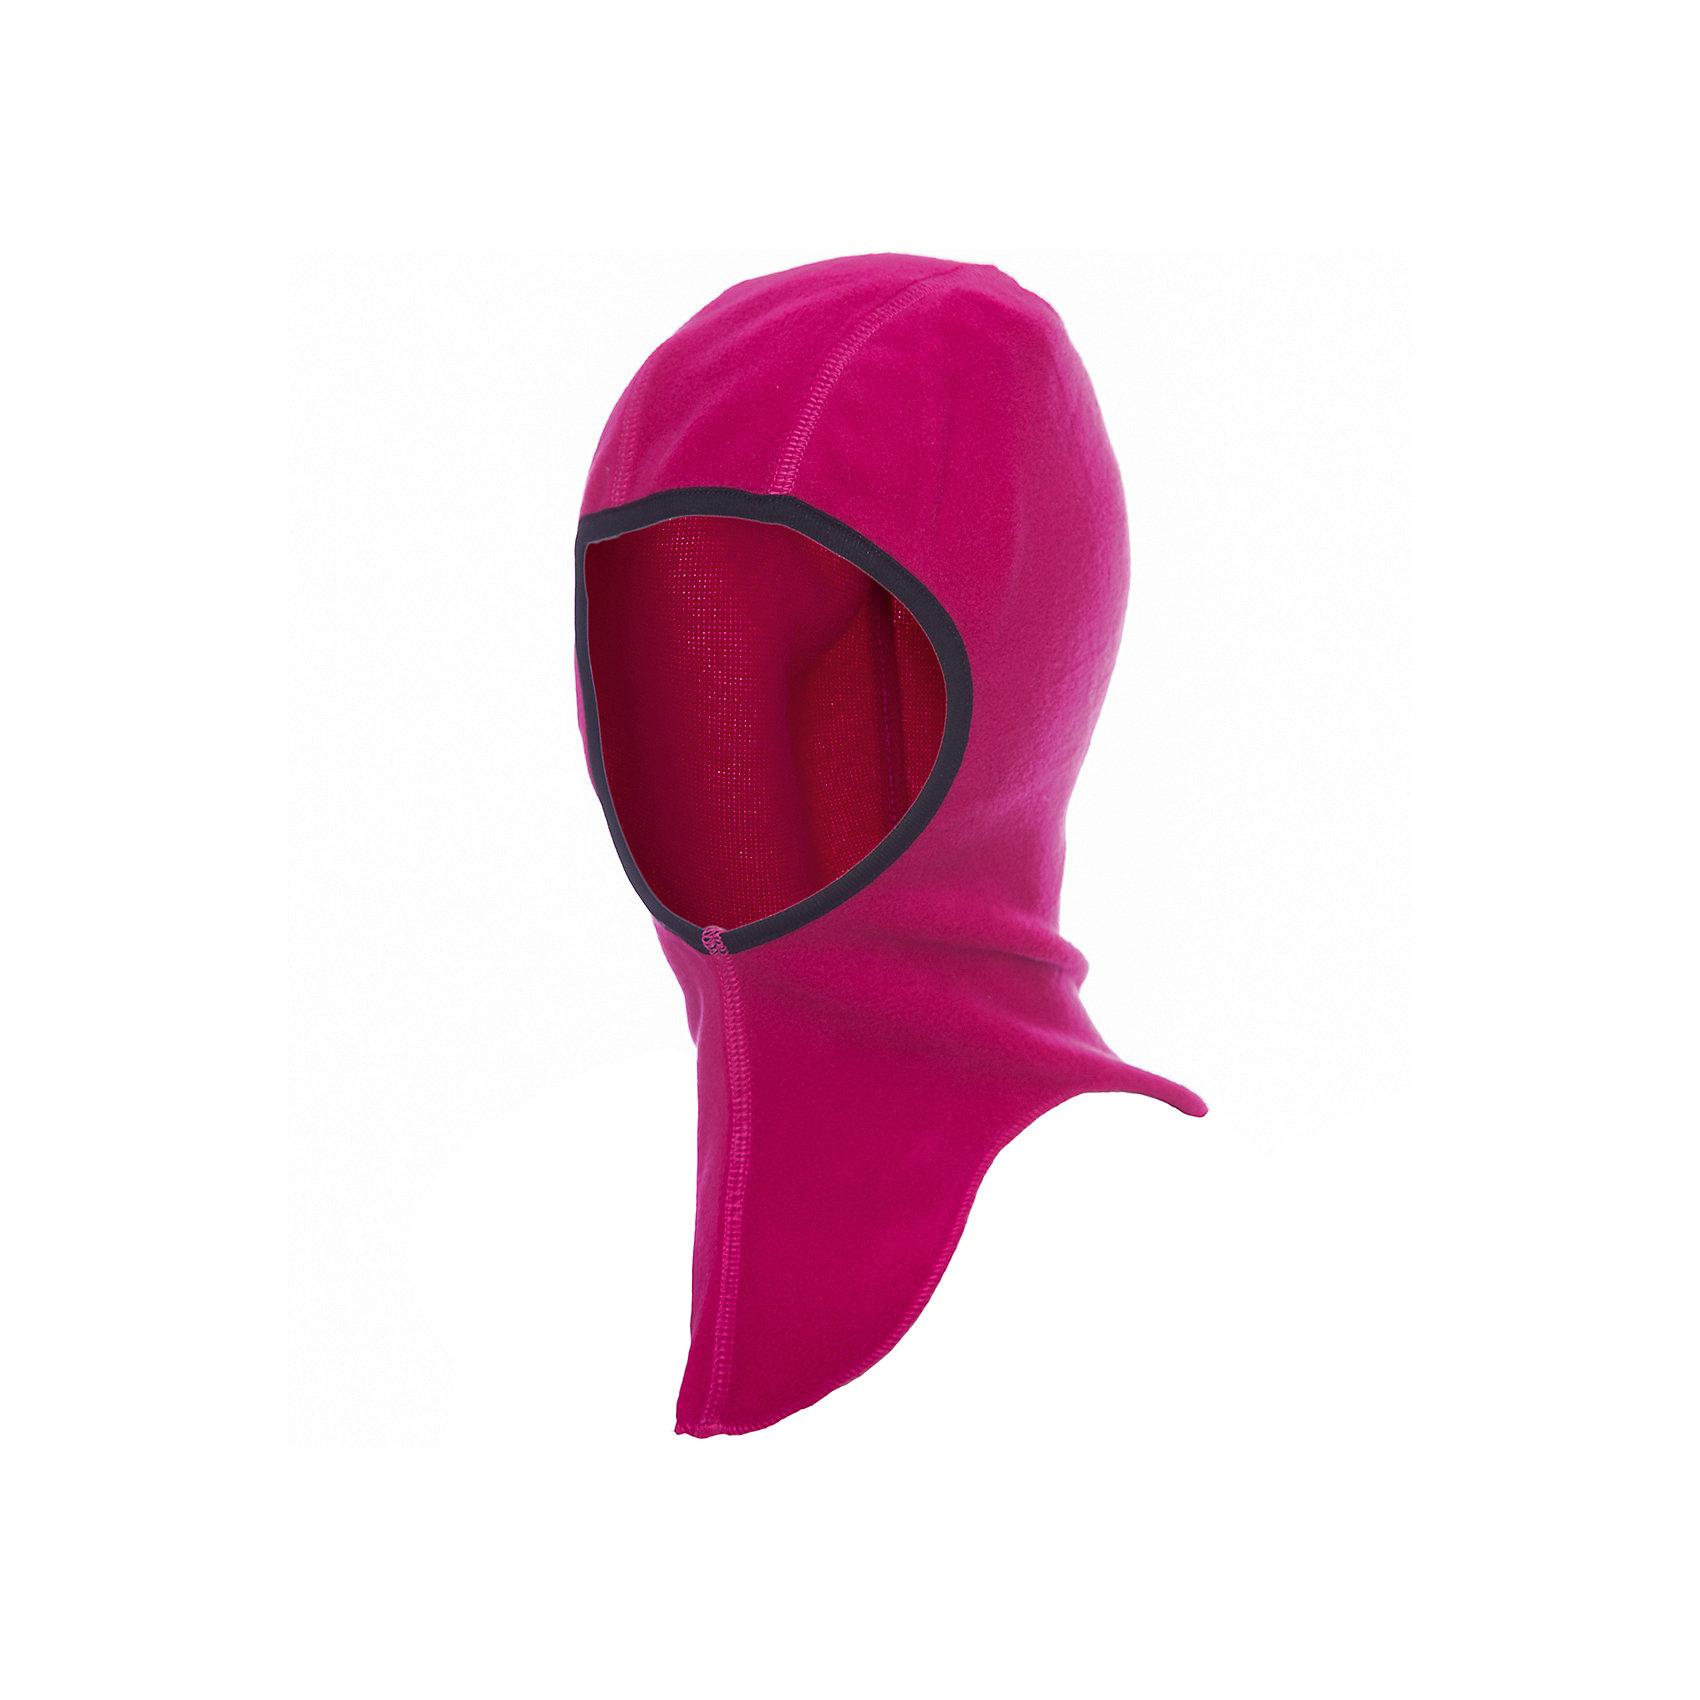 Шапка-шлем PlayToday для девочкиГоловные уборы<br>Шапка-шлем PlayToday для девочки<br>Шапка - подшлемник. Плотно прилегает к голове, комфортна при носке. Аккуратные швы не вызывают раздражений и неприятных ощущений.<br>Состав:<br>100% полиэстер<br><br>Ширина мм: 89<br>Глубина мм: 117<br>Высота мм: 44<br>Вес г: 155<br>Цвет: розовый<br>Возраст от месяцев: 72<br>Возраст до месяцев: 84<br>Пол: Женский<br>Возраст: Детский<br>Размер: 54,50,52<br>SKU: 7107478